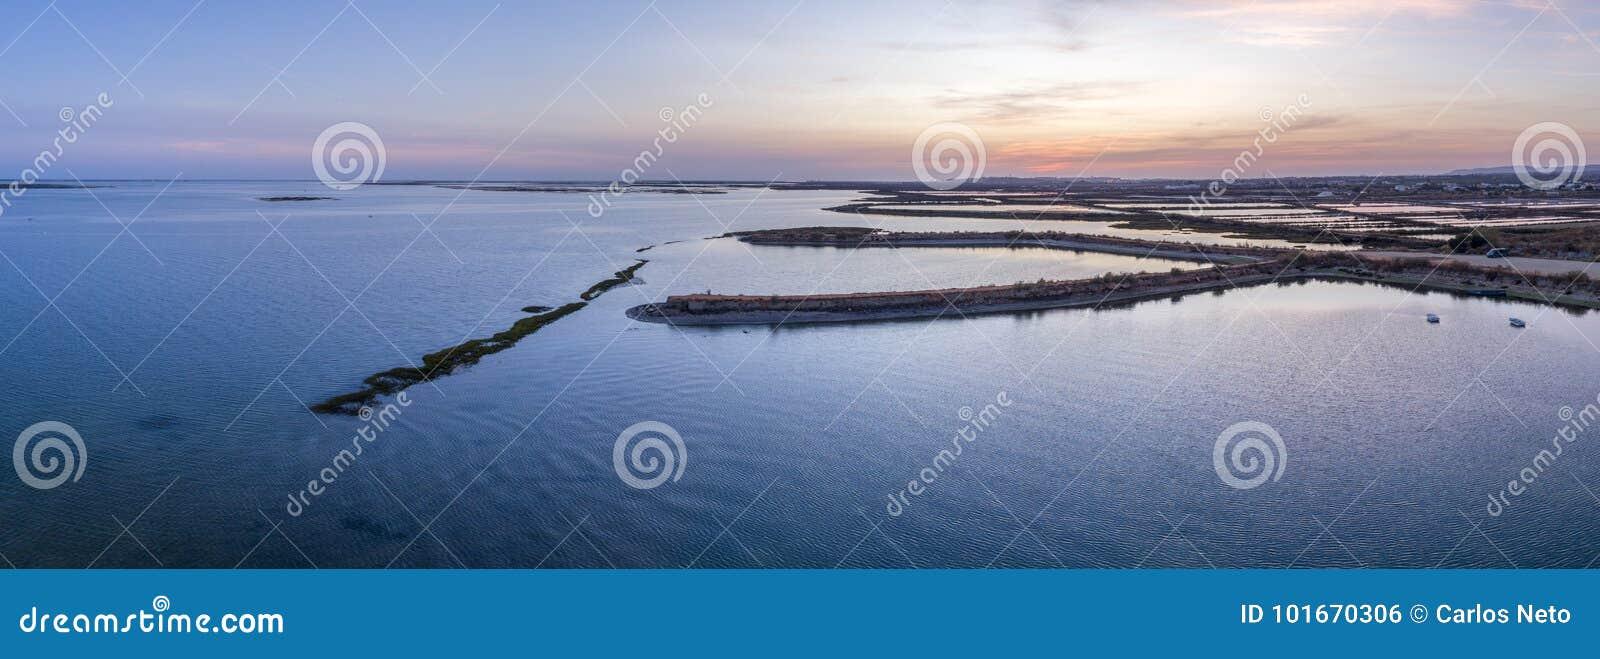 Vue panoramique aérienne de paysage marin de crépuscule de l admission de marais de sel d Olhao